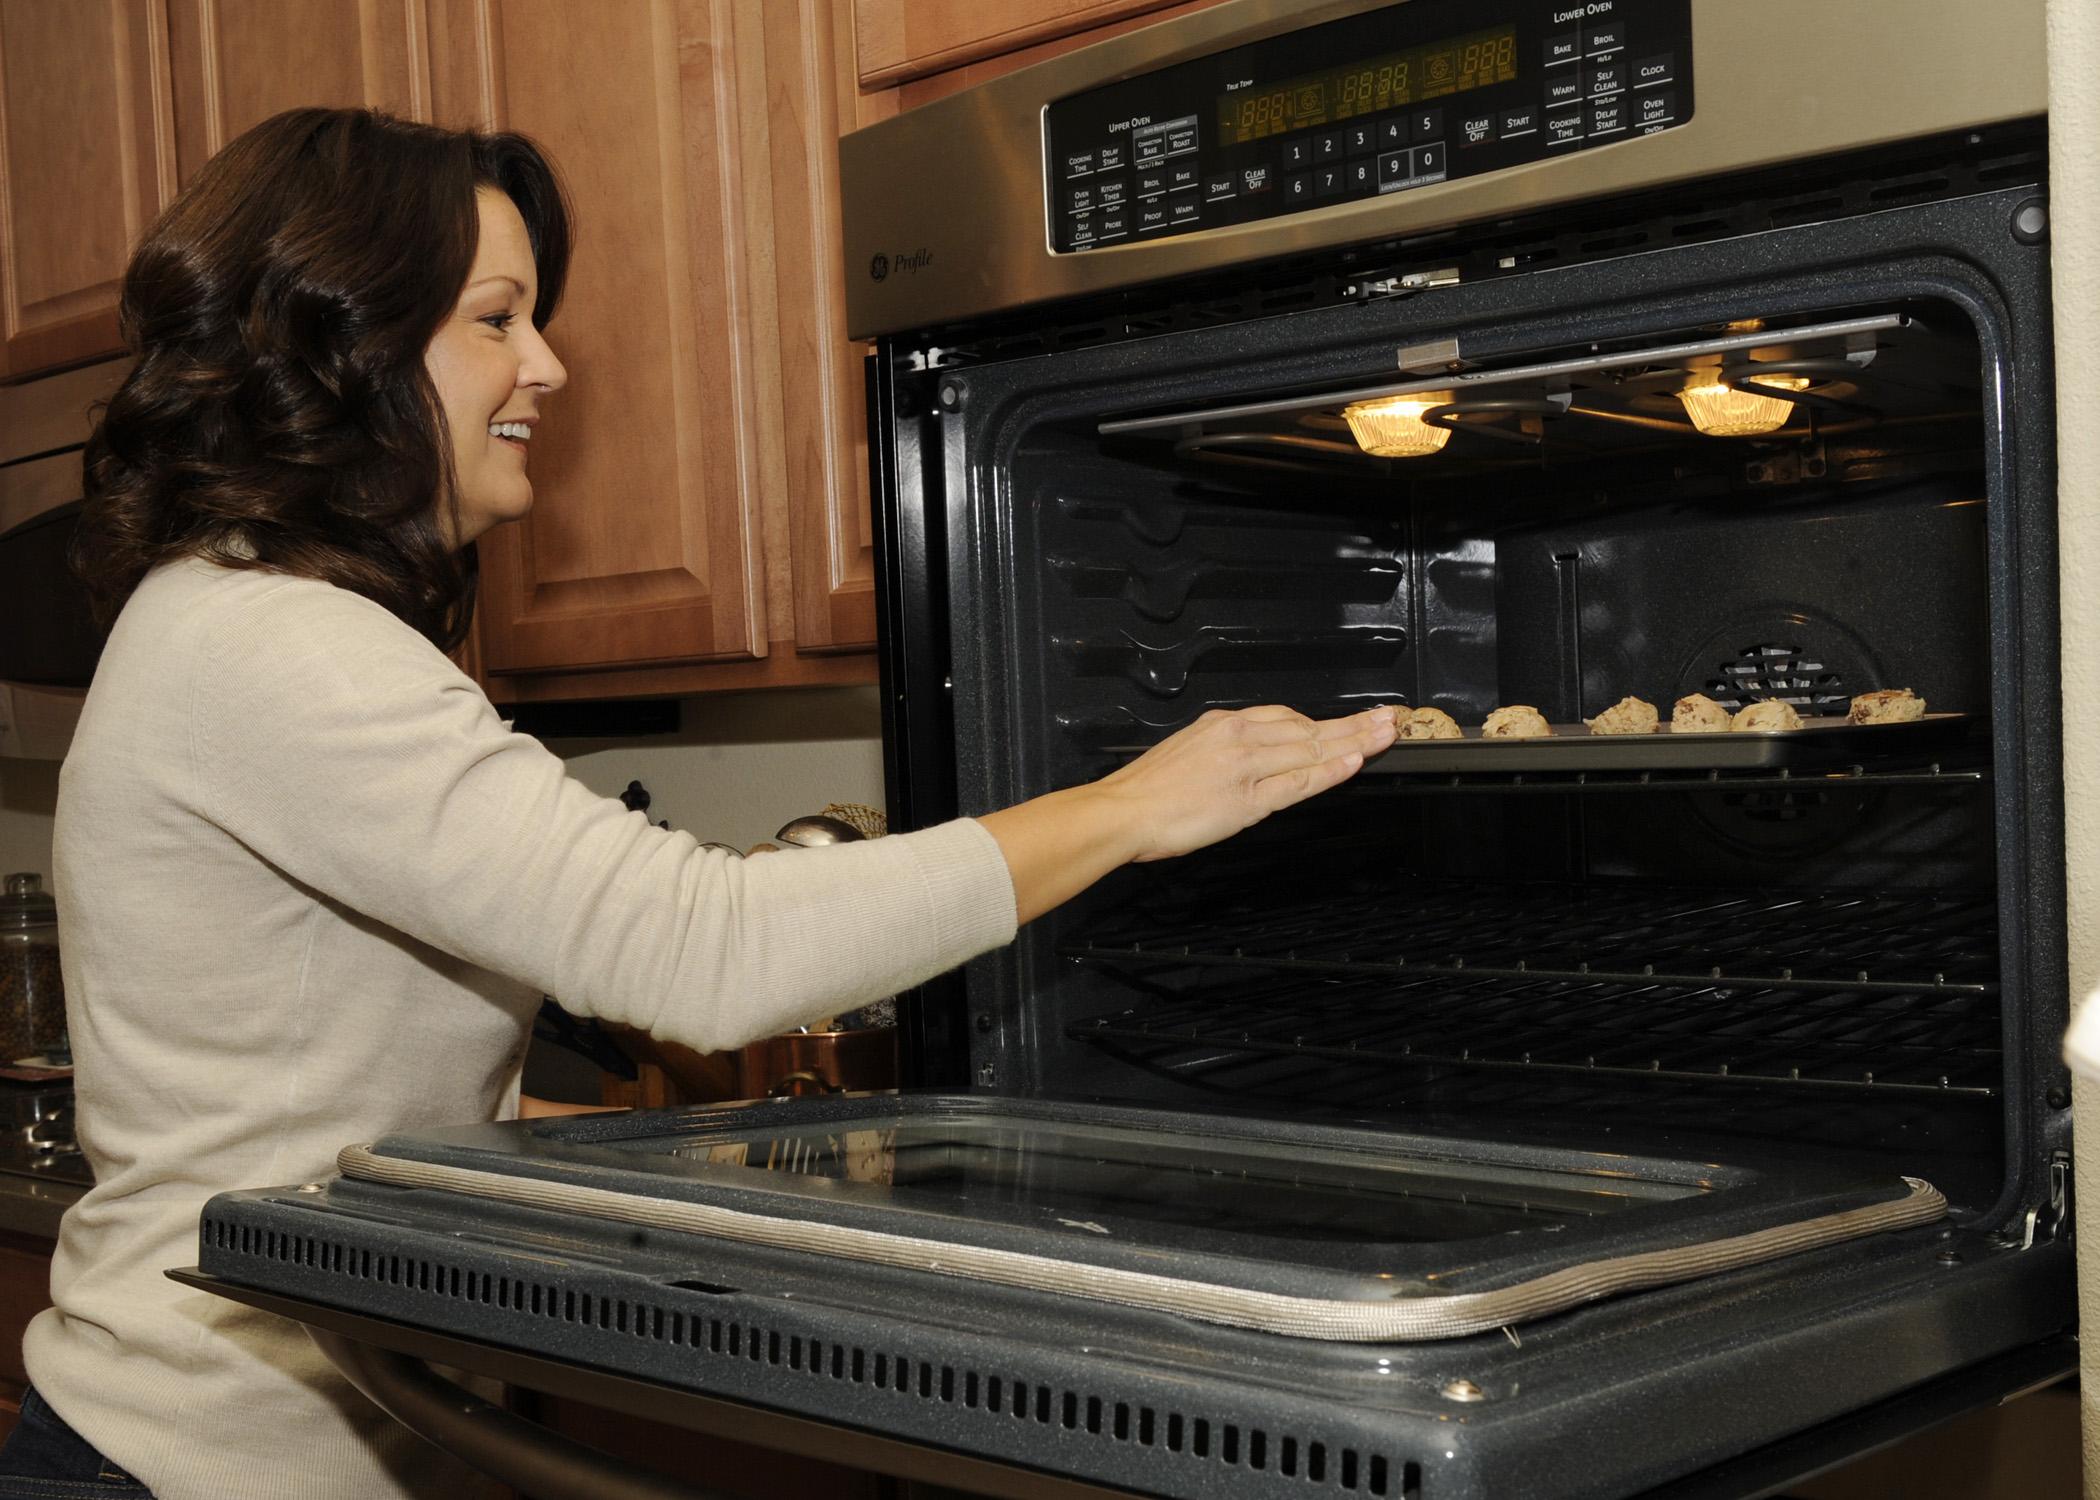 pulizia forno: come pulire il forno elettrico senza fatica